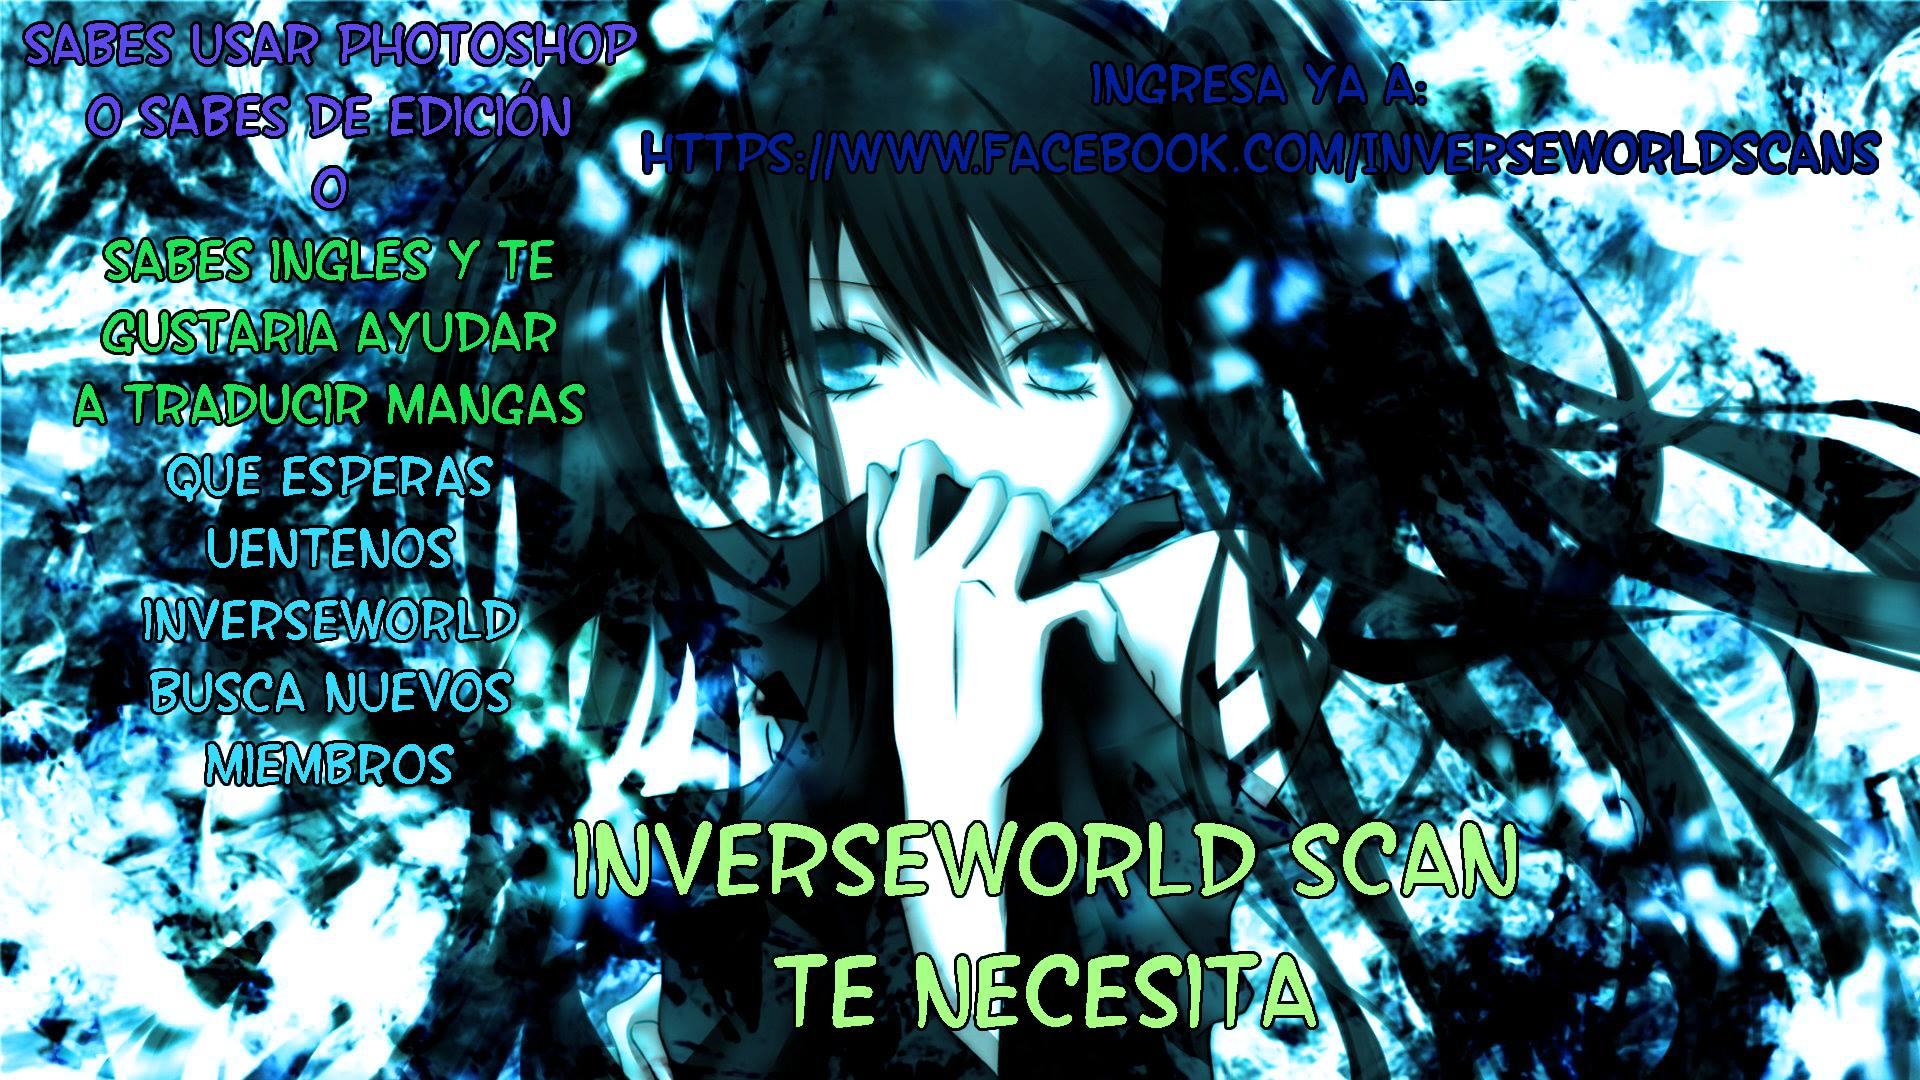 https://c5.mangatag.com/es_manga/18/16210/415291/908855da11a4e23bba037645fcc2791a.jpg Page 1